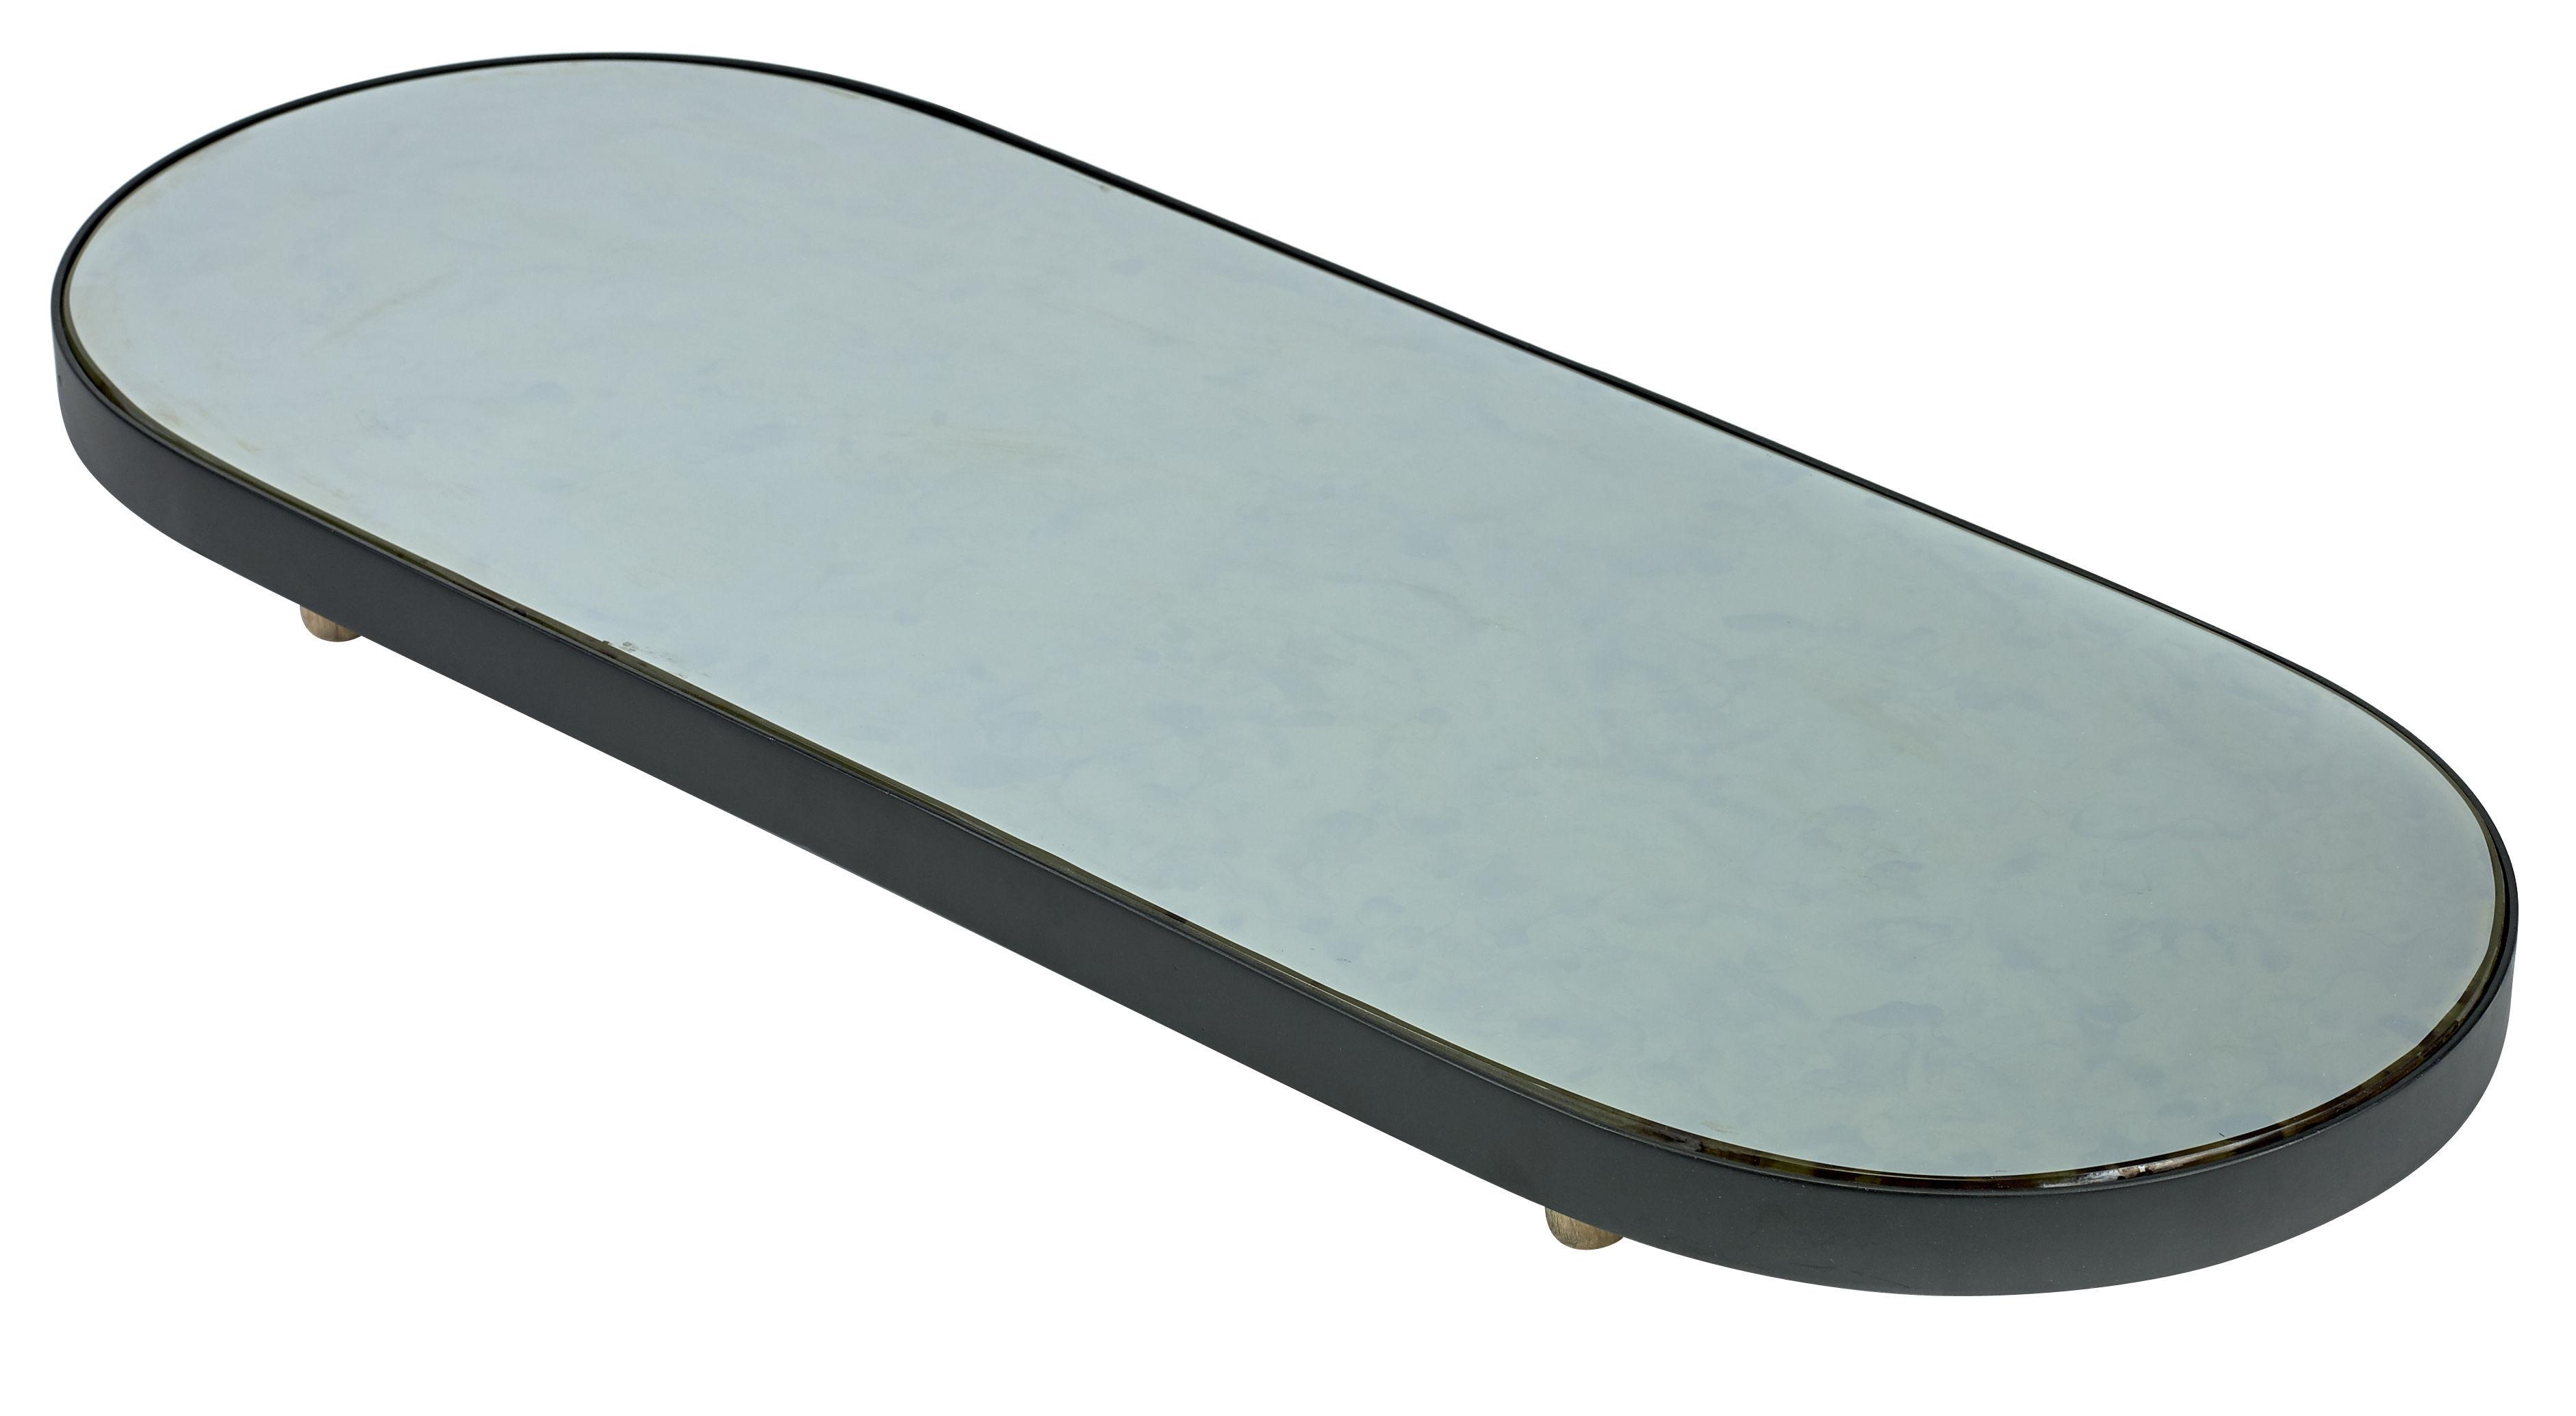 Tischkultur - Tabletts - Reflect XL Tablett / Spiegel oval - 80 x 31 cm - Serax - Schwarz & Spiegeloberfläche / Füße holzfarben - bemaltes Metall, Bois naturel, Glas